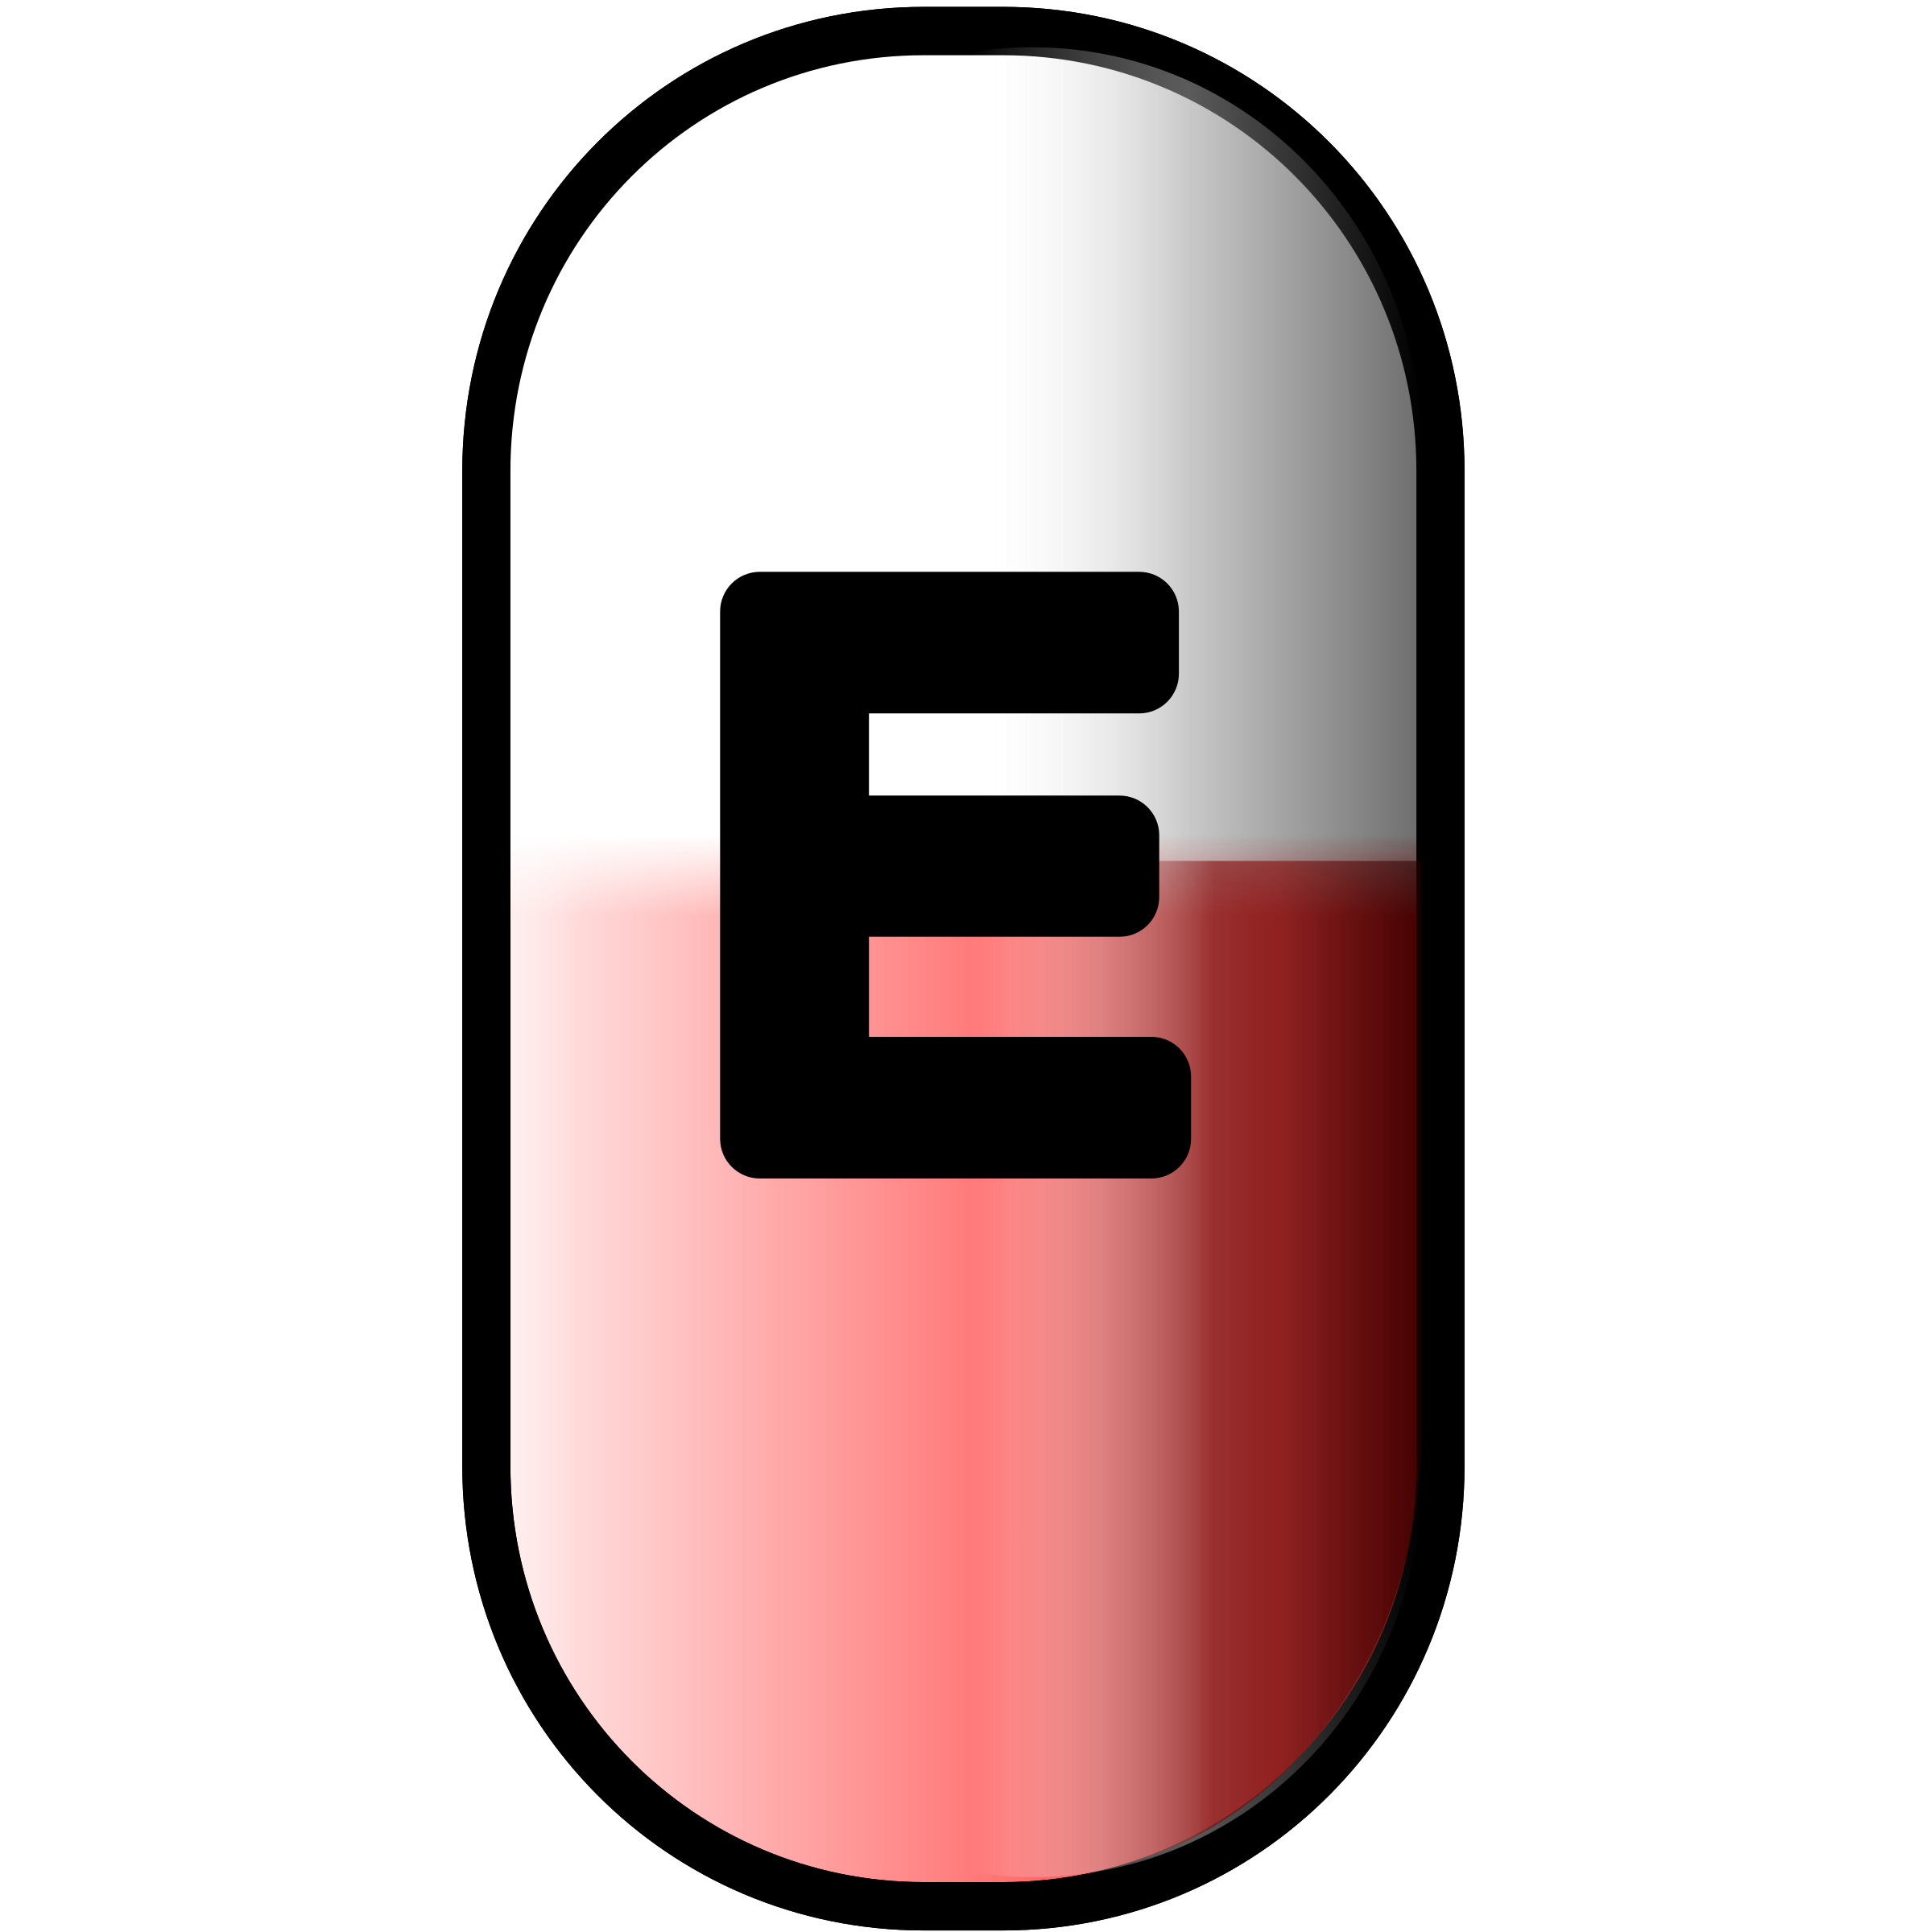 pill clipart red pill